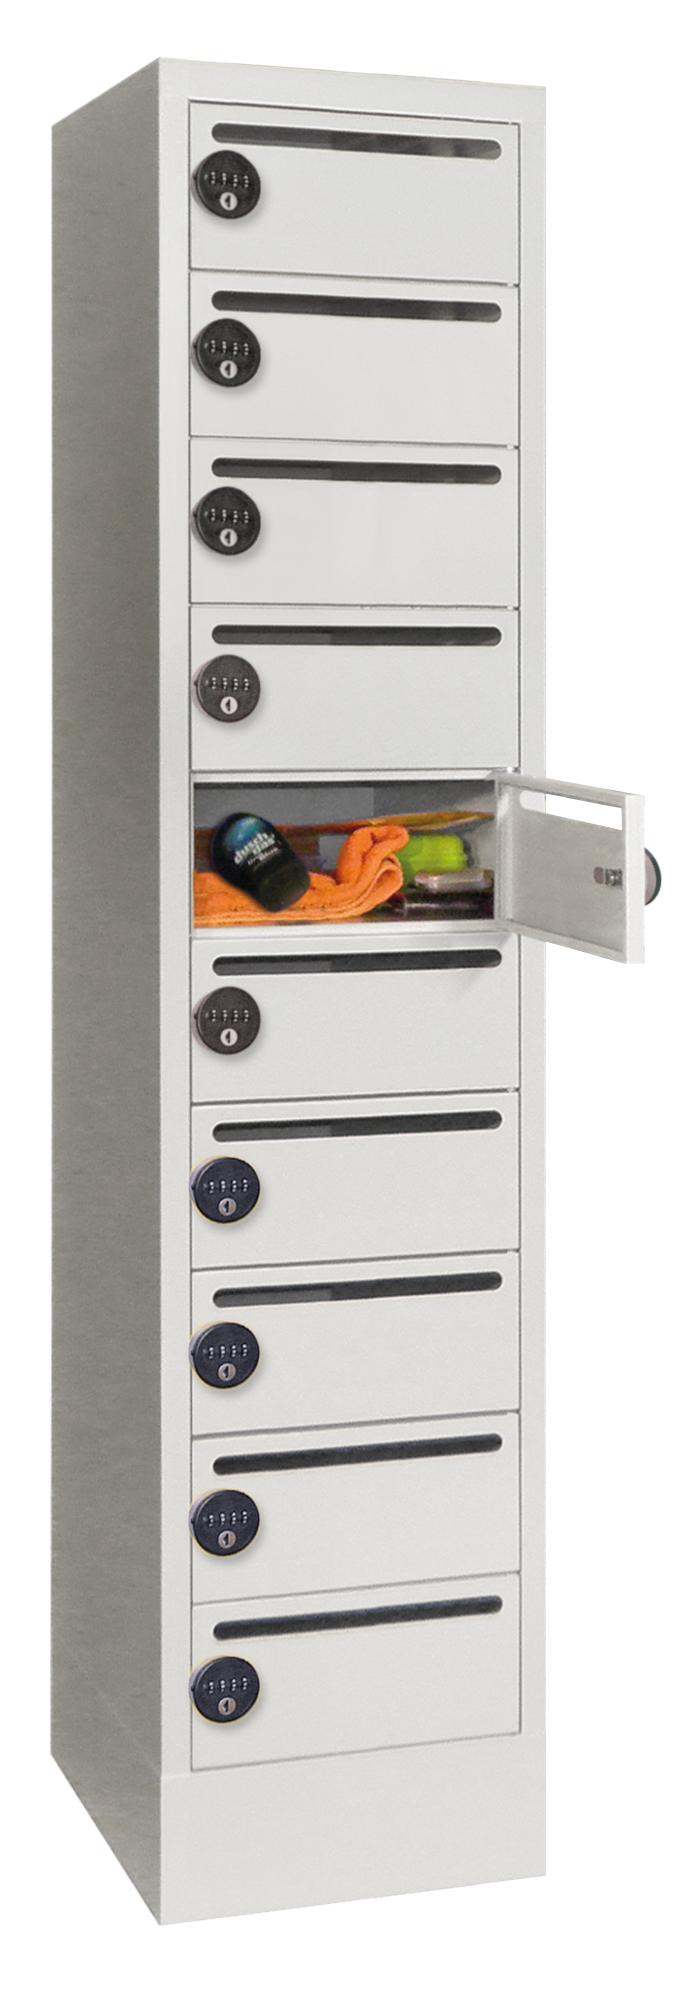 Postverteilerschrank Zahlenkombinationsschloss 1850x500x330mm mit 10 Postfächern | günstig bestellen bei assistYourwork